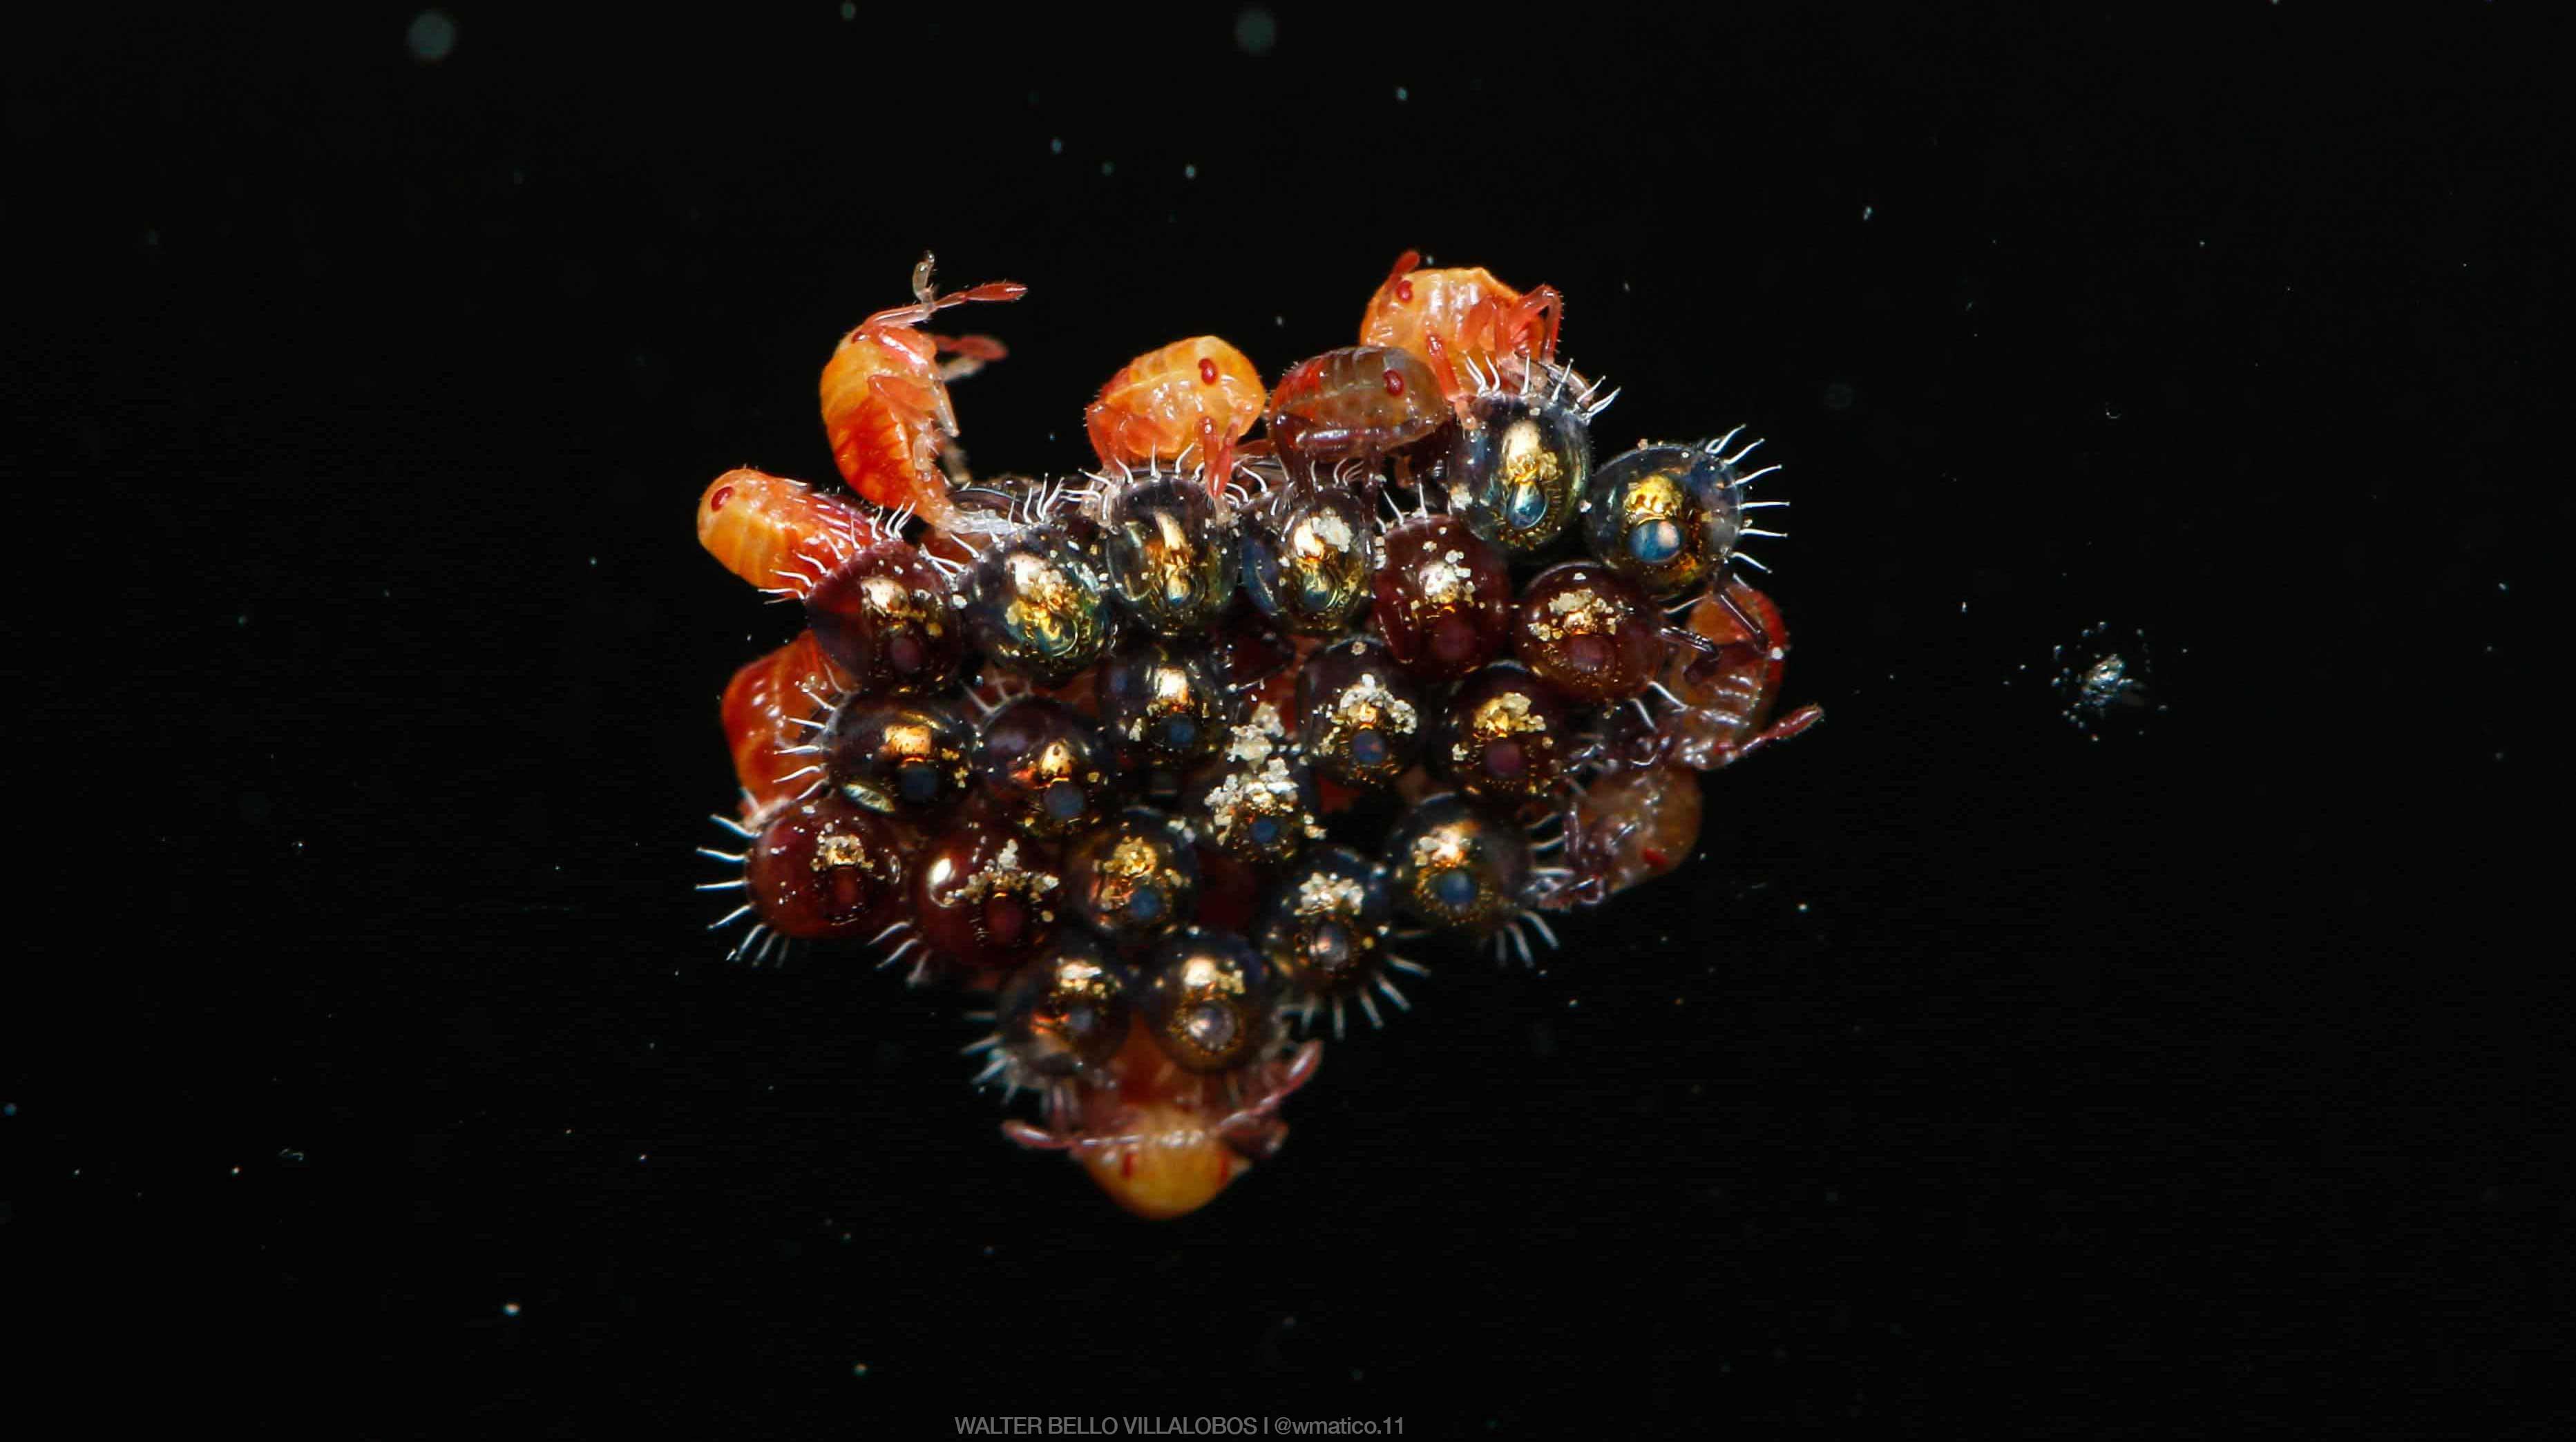 heteroptera-eclosion-eggs